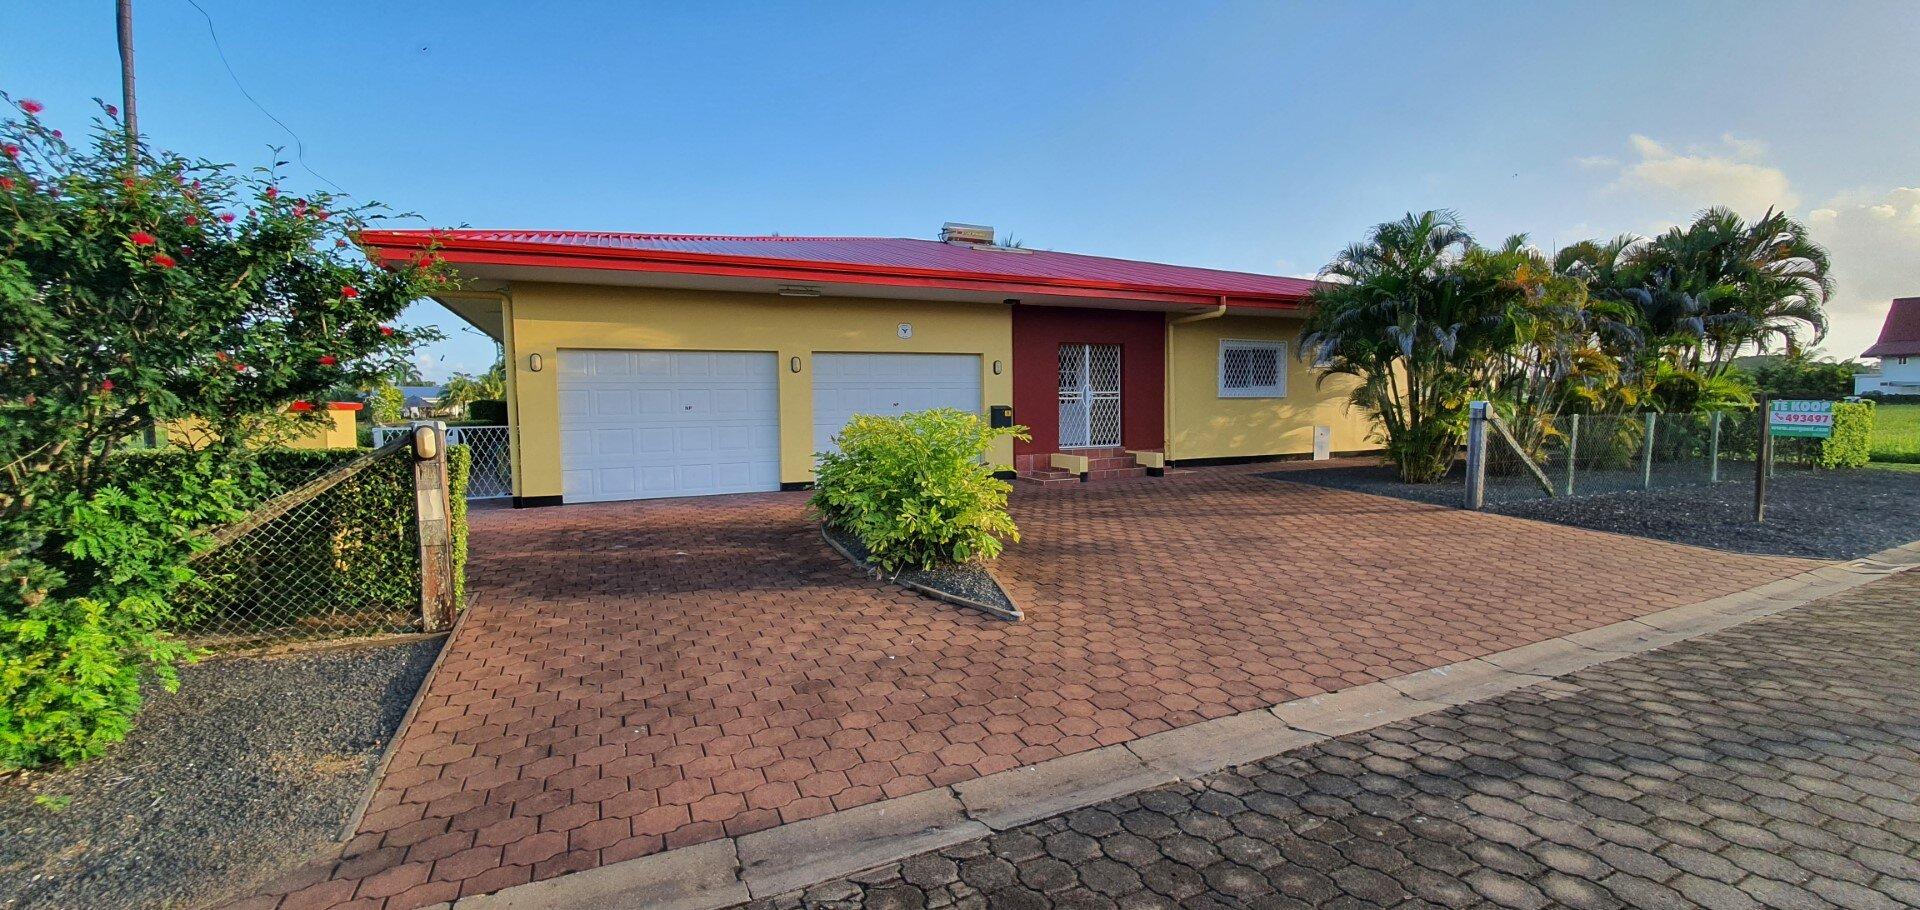 Palissadepalmlaan 11 - Palm Village - Suriname - Surgoed Makelaardij NV